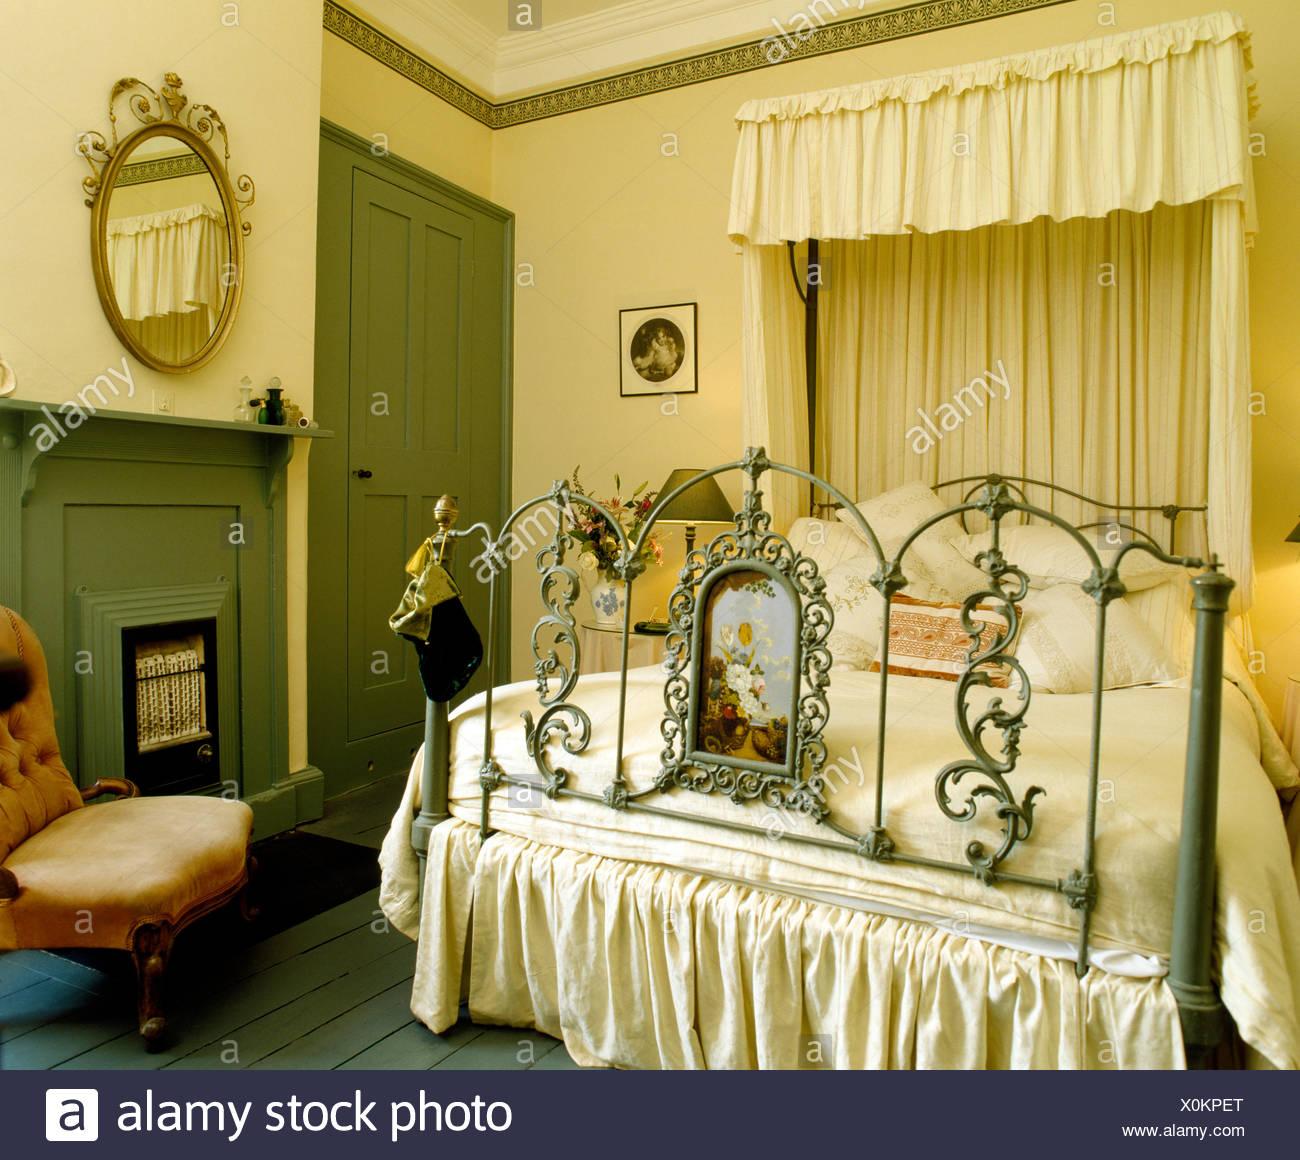 Cremefarbene Vorhänge und Baldachin der reich verzierte antike ...